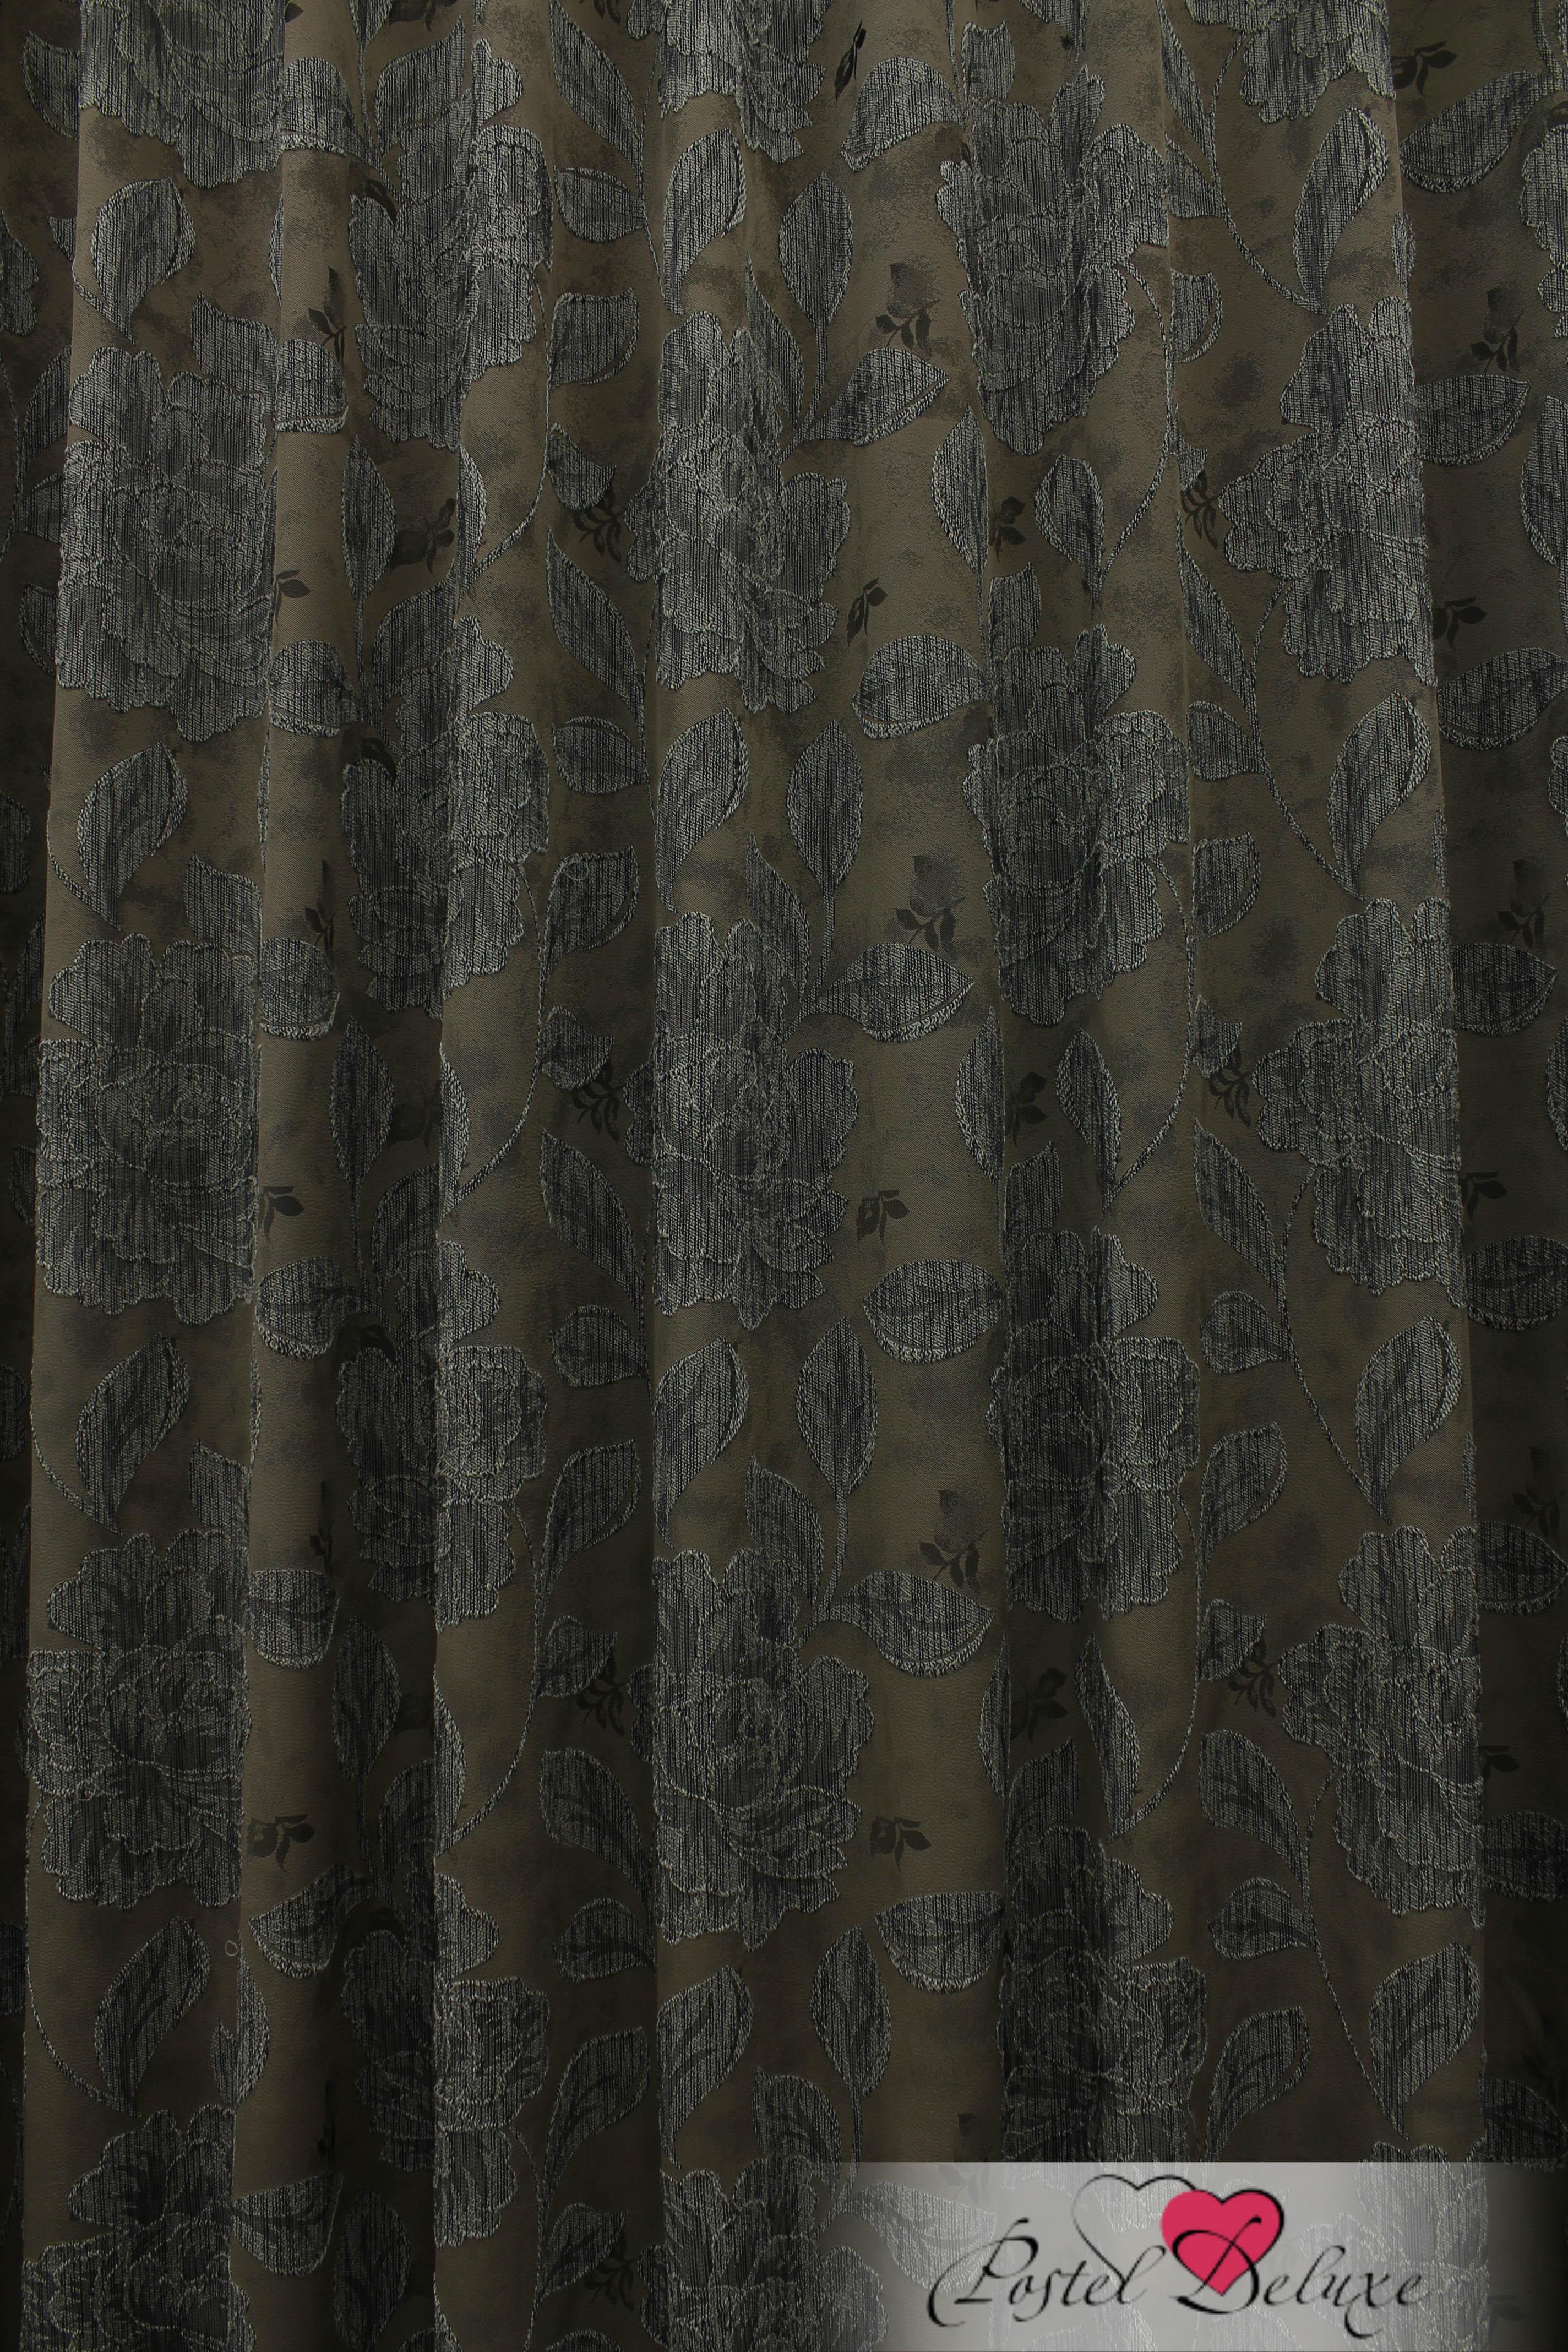 Шторы Sanpa Классические шторы Асанта Цвет: Серо-Коричневый шторы tac классические шторы winx цвет персиковый 200x265 см